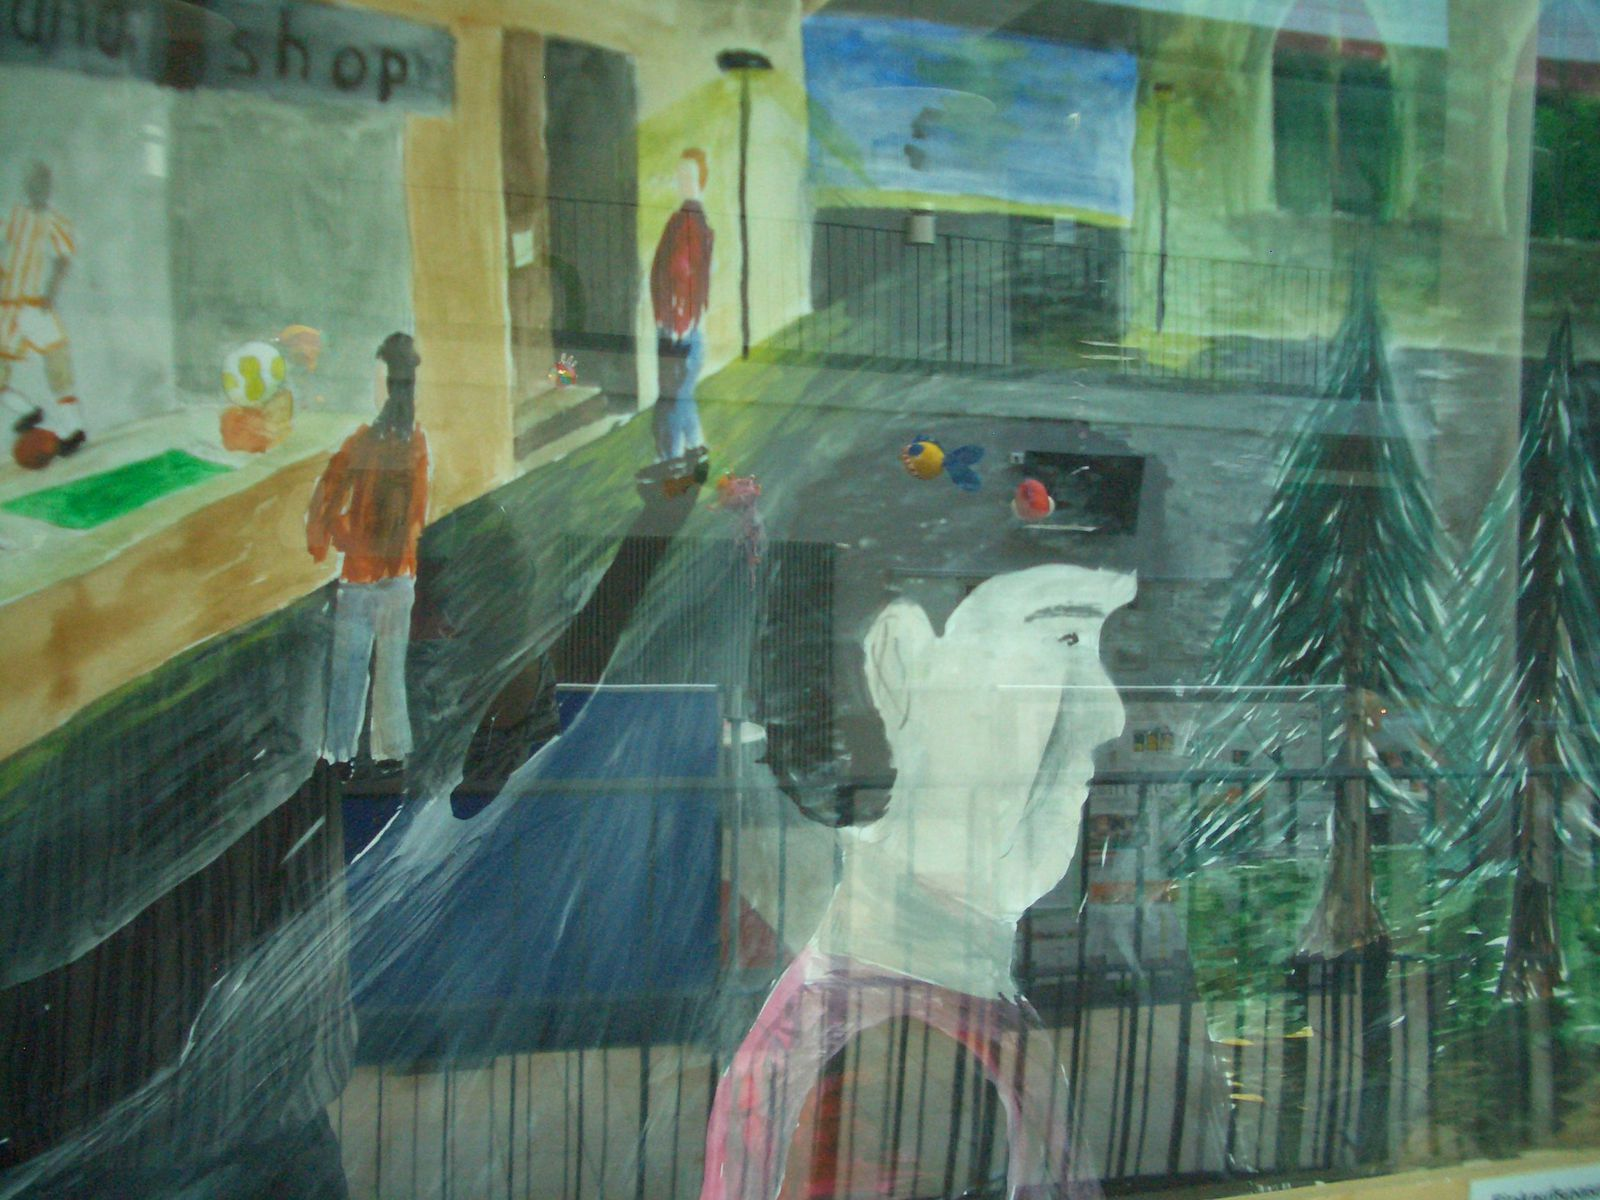 Ein überzeugend durchdachtes didaktisches Konzept stellte Kunsterzieher René Schubert bei der 1. Vernissage für Schulkunst am Lise-Meitner-Gymnasium Crailsheim vor.